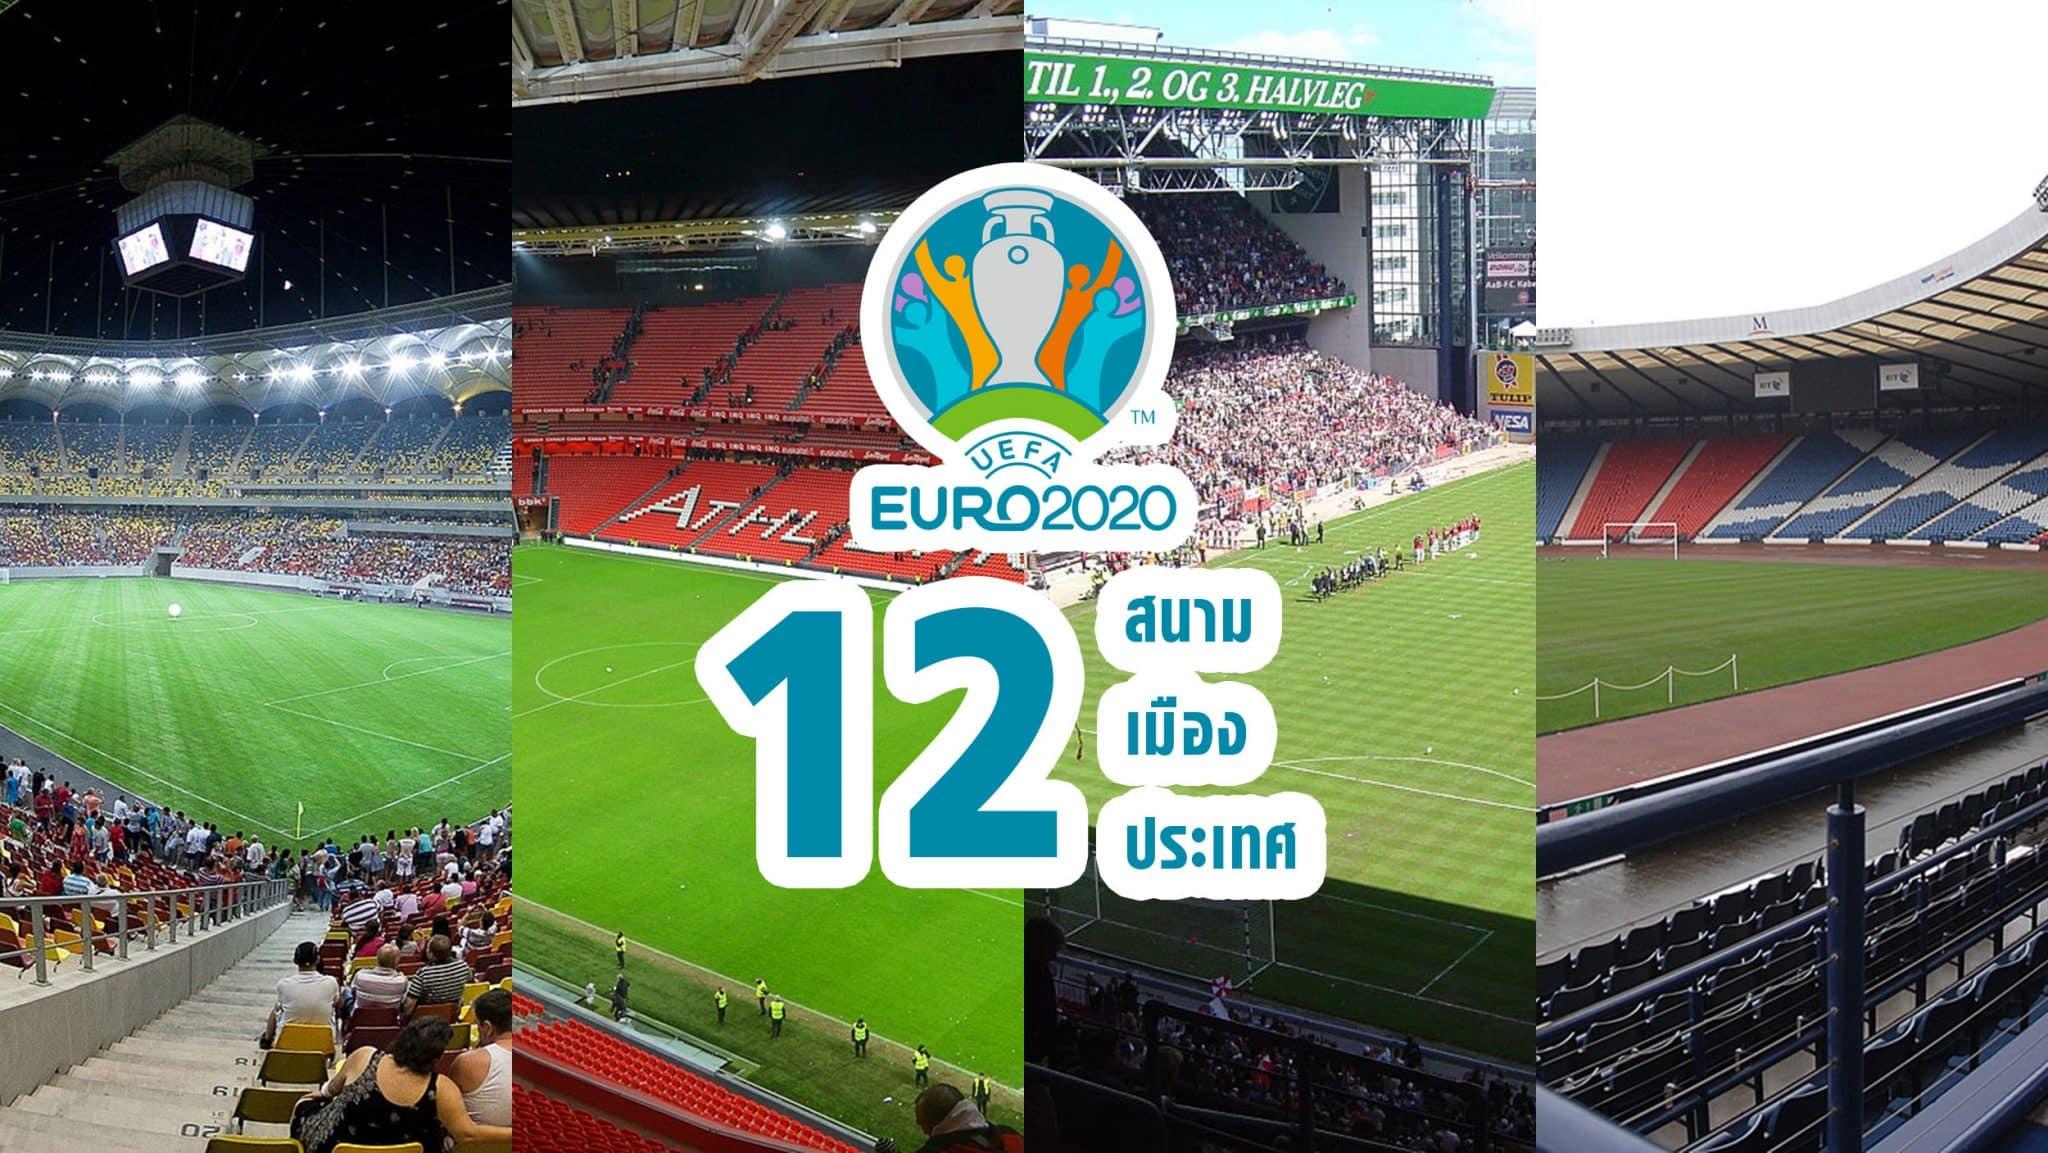 สนามฟุตบอลยูโร 2020 เผย 12 สนามฟุตบอลยูโร ที่จัดขึ้นใน 12 เมือง 12 ประเทศ